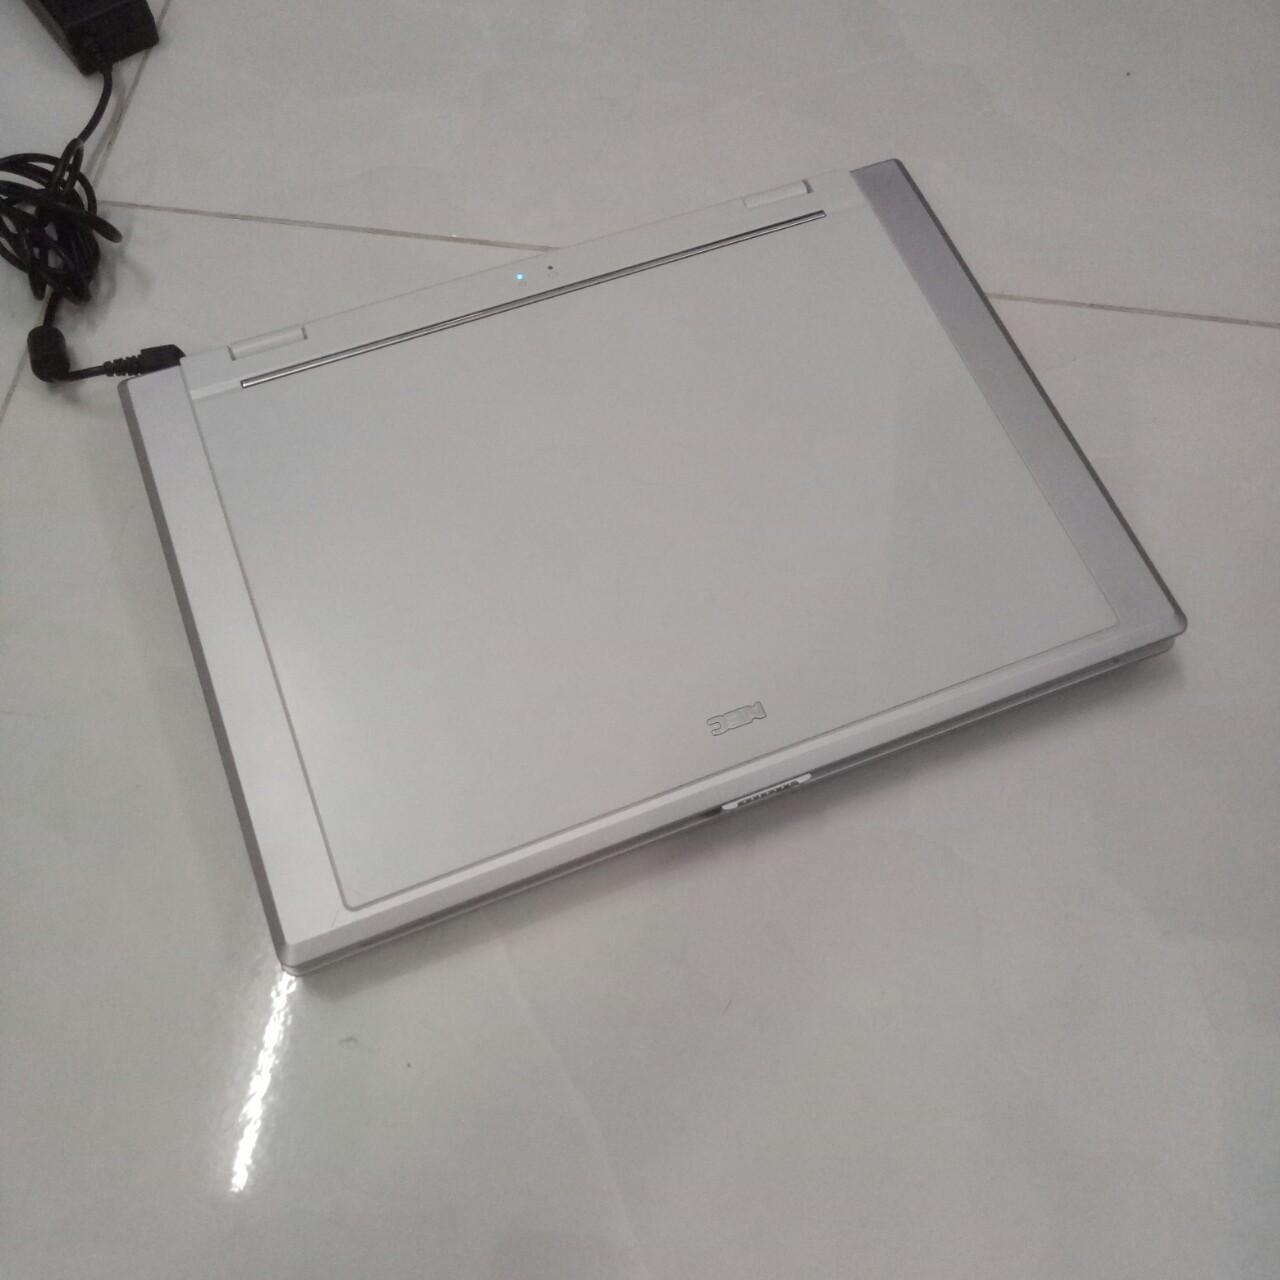 Mã Giảm Giá tại Lazada cho Laptop,NEC ,hàng Kho Nhật